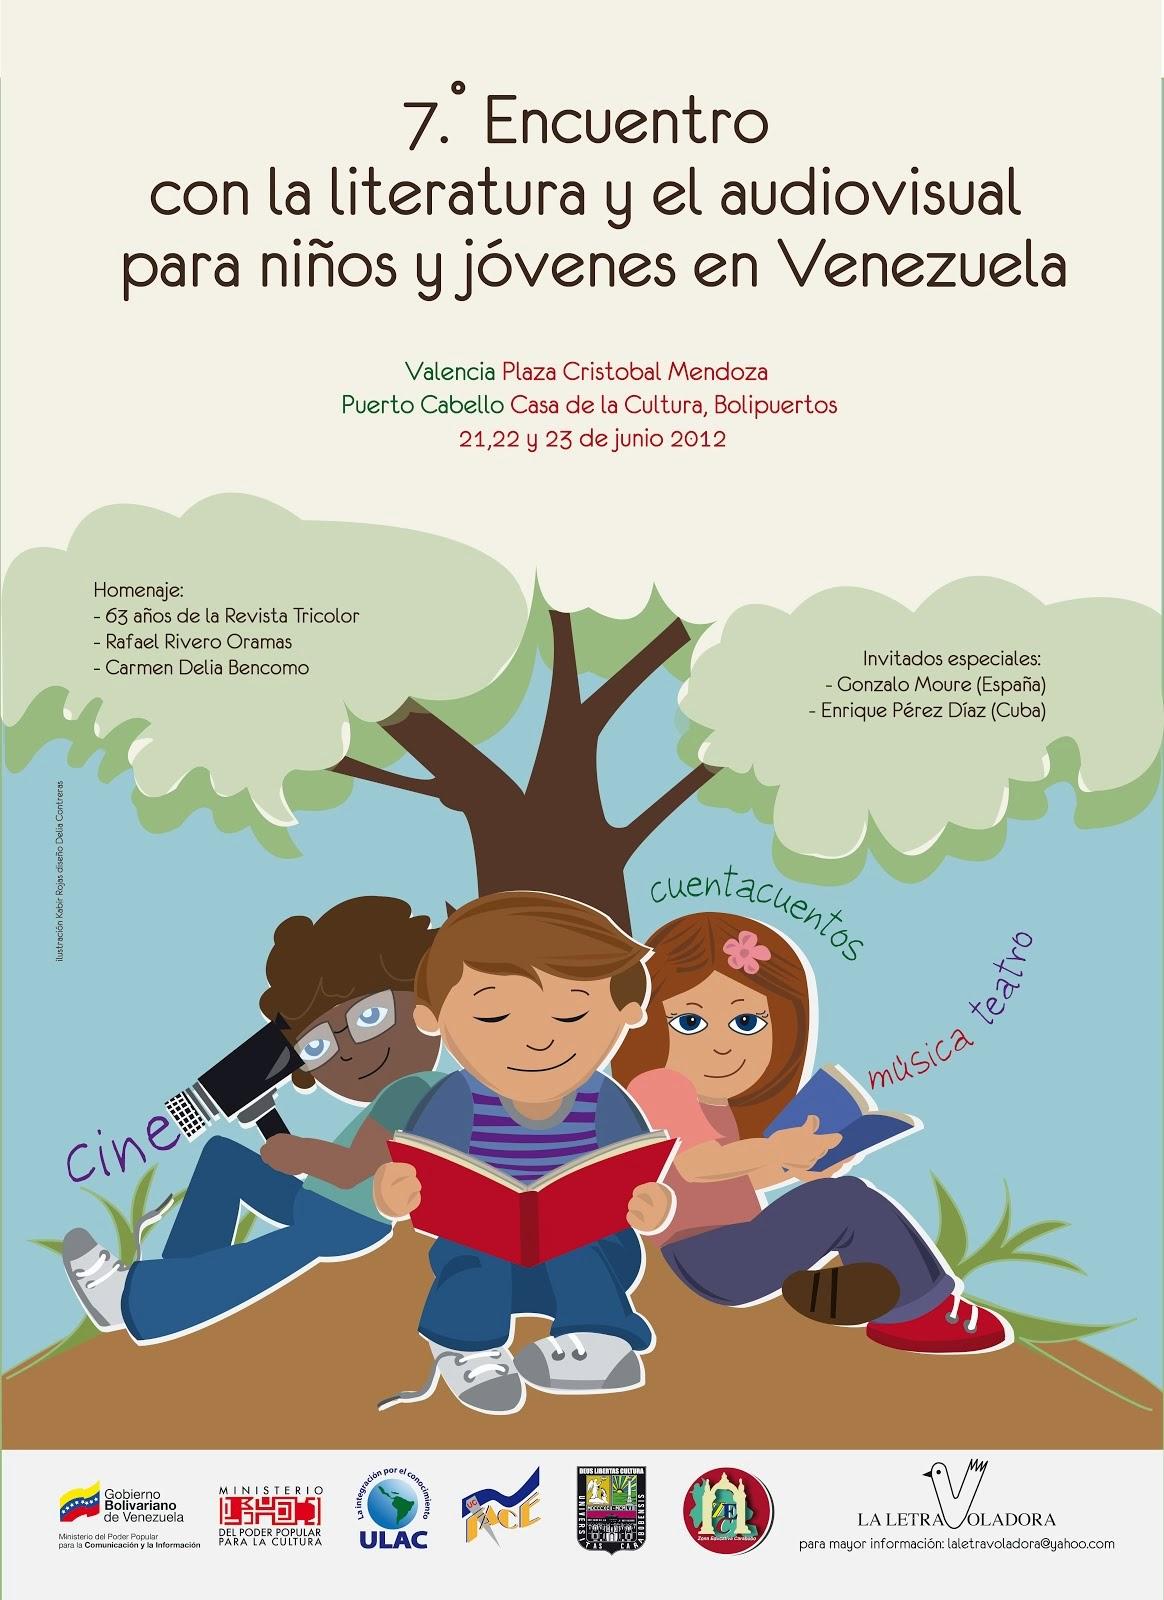 7mo Encuentro con la Literatura y el Audiovisual para niños y jóvenes en Venezuela.